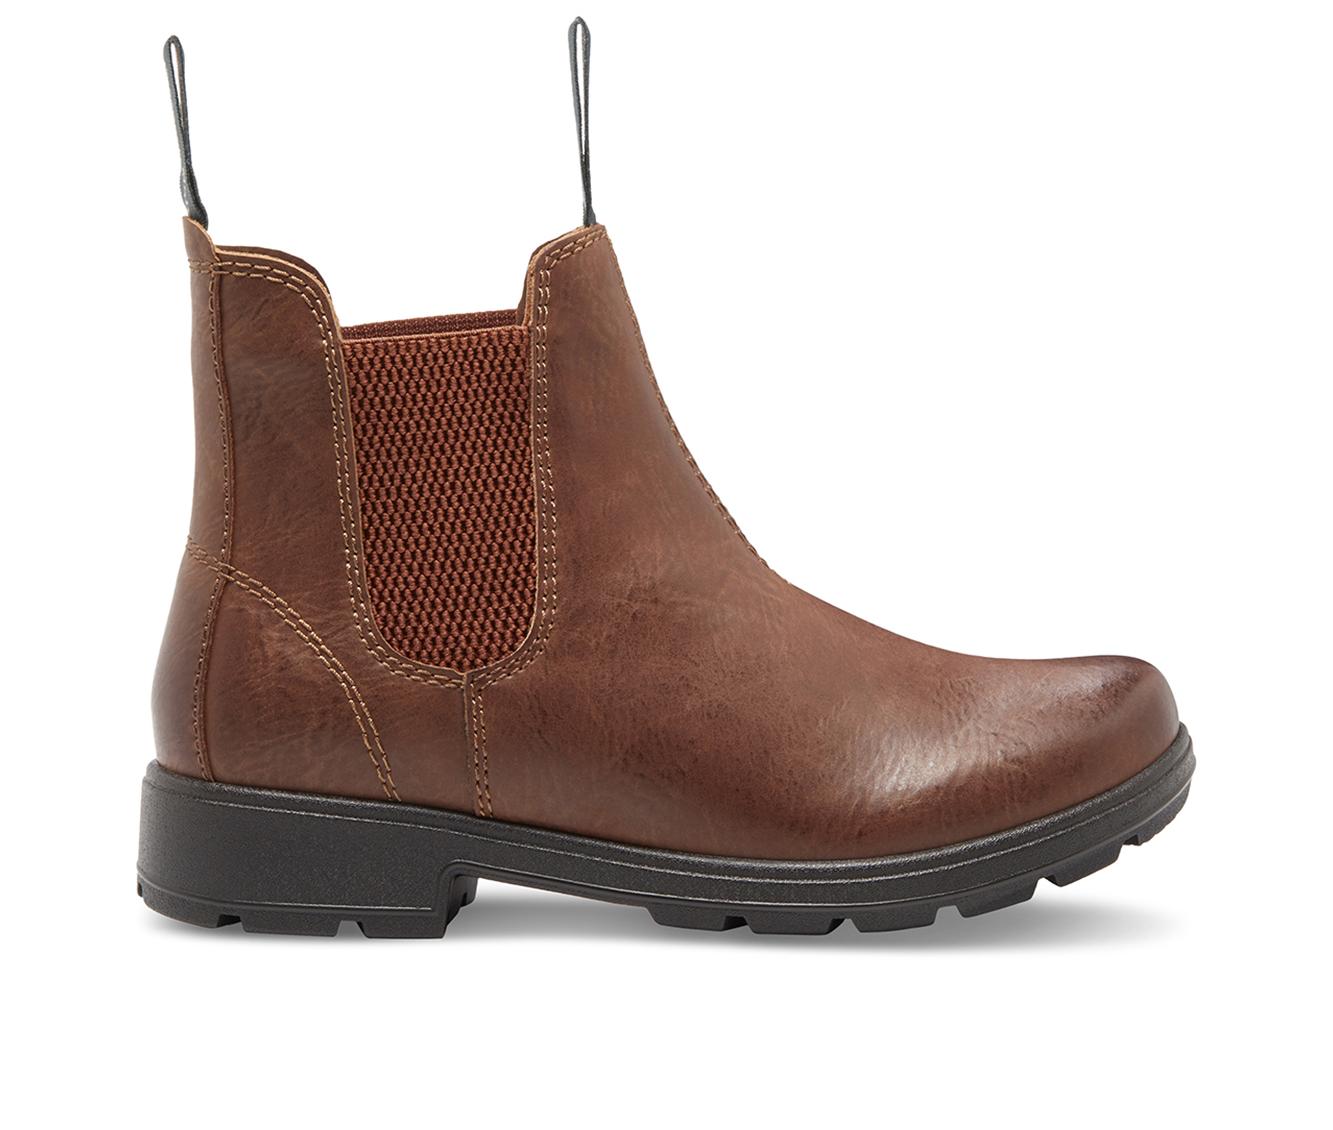 Eastland Baja Women's Boots (Beige - Leather)